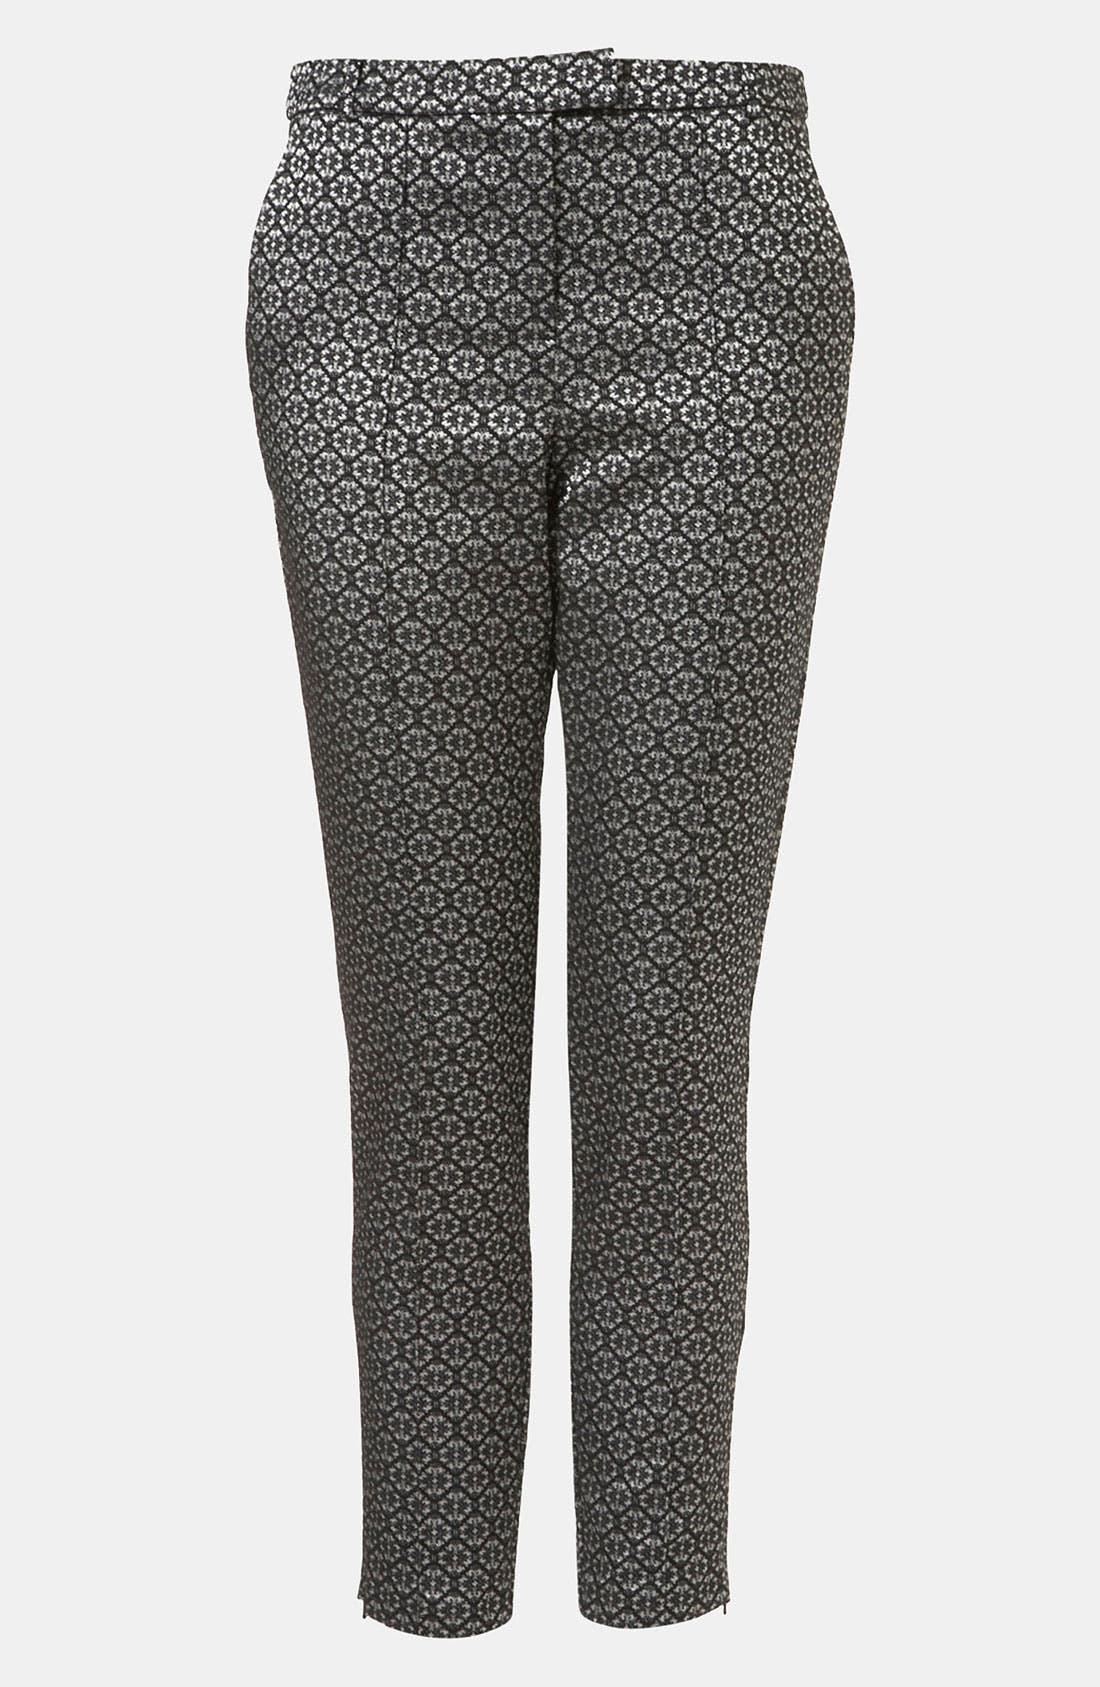 Tile Jacquard Crop Cigarette Pants, Main, color, 001